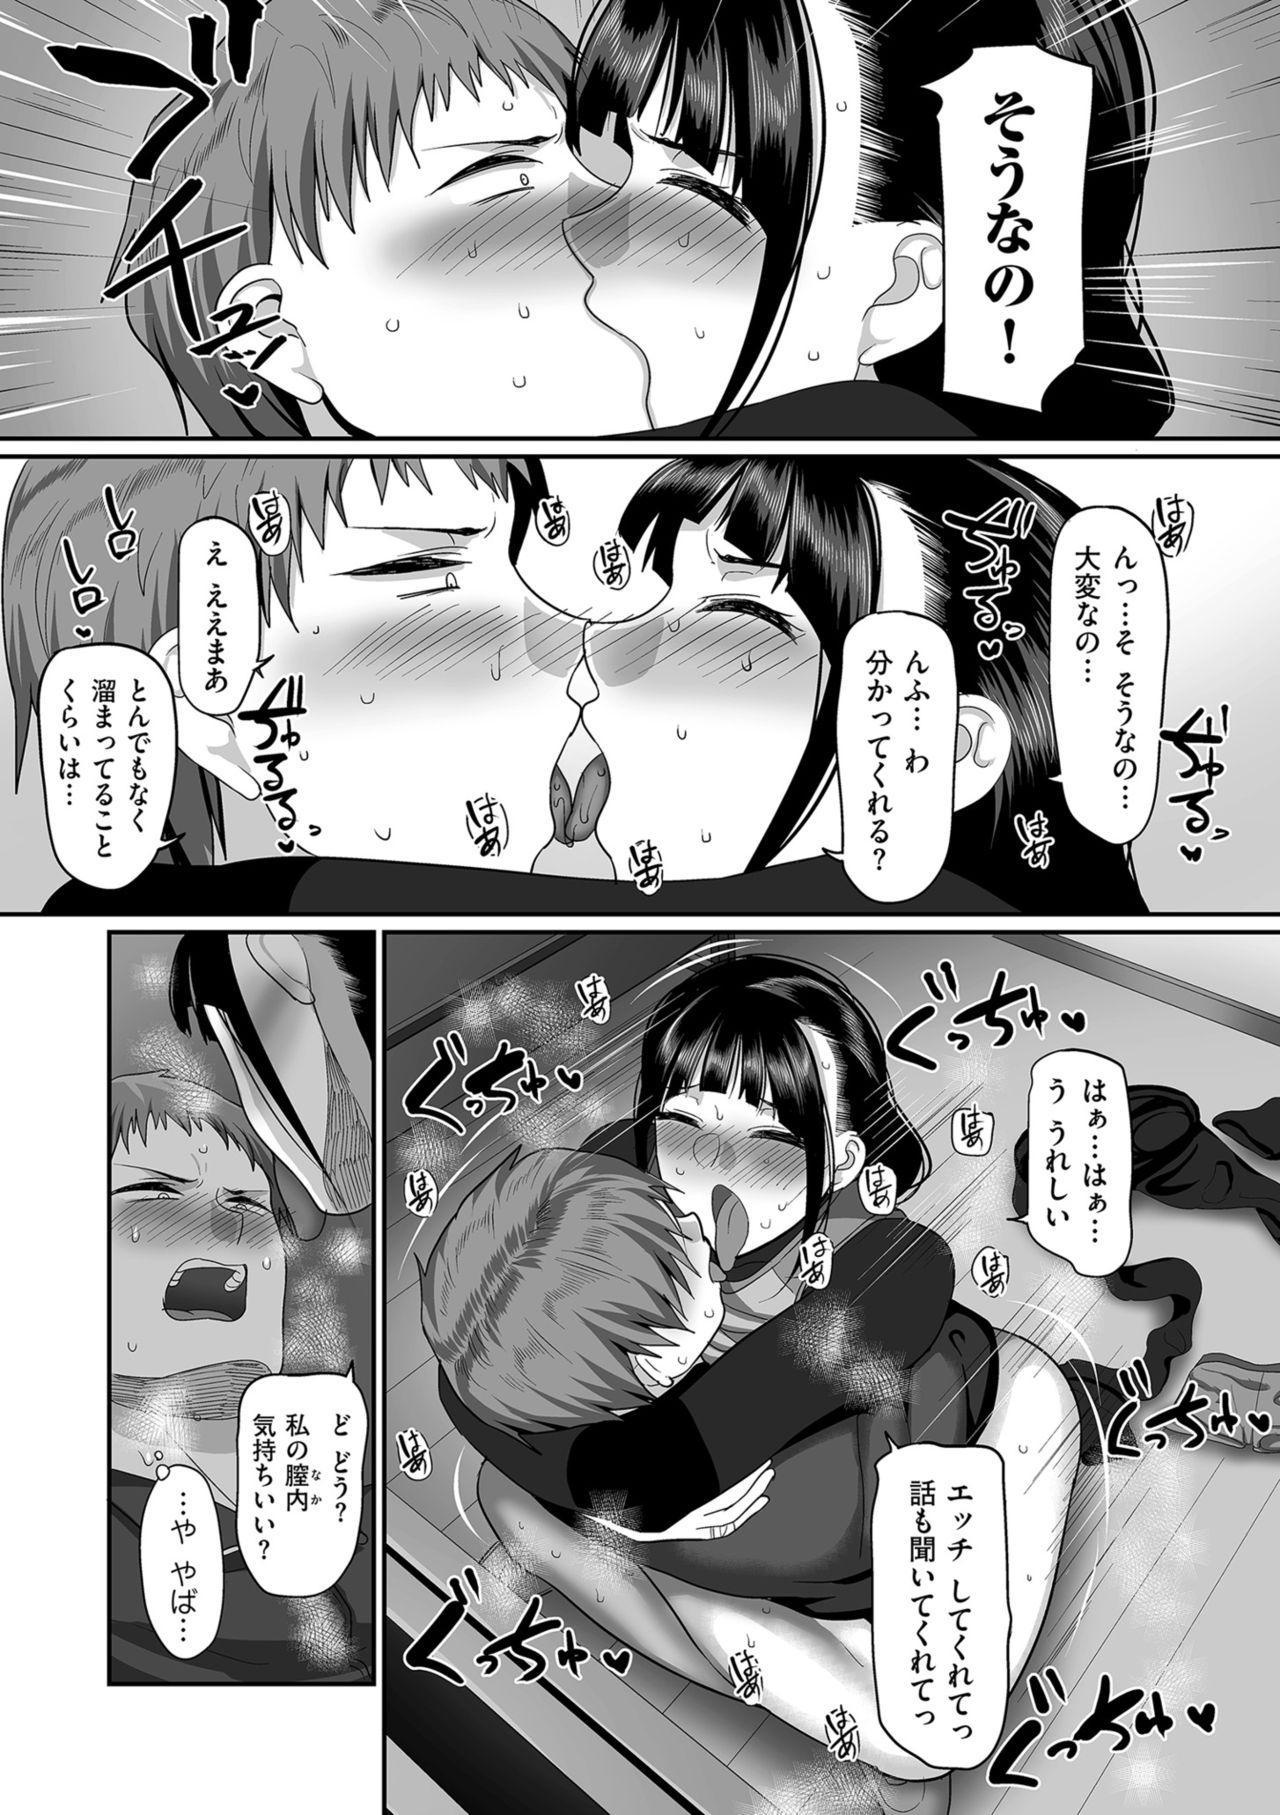 [Yamamoto Zenzen] S-ken K-shi Shakaijin Joshi Volleyball Circle no Jijou [Digital] 142